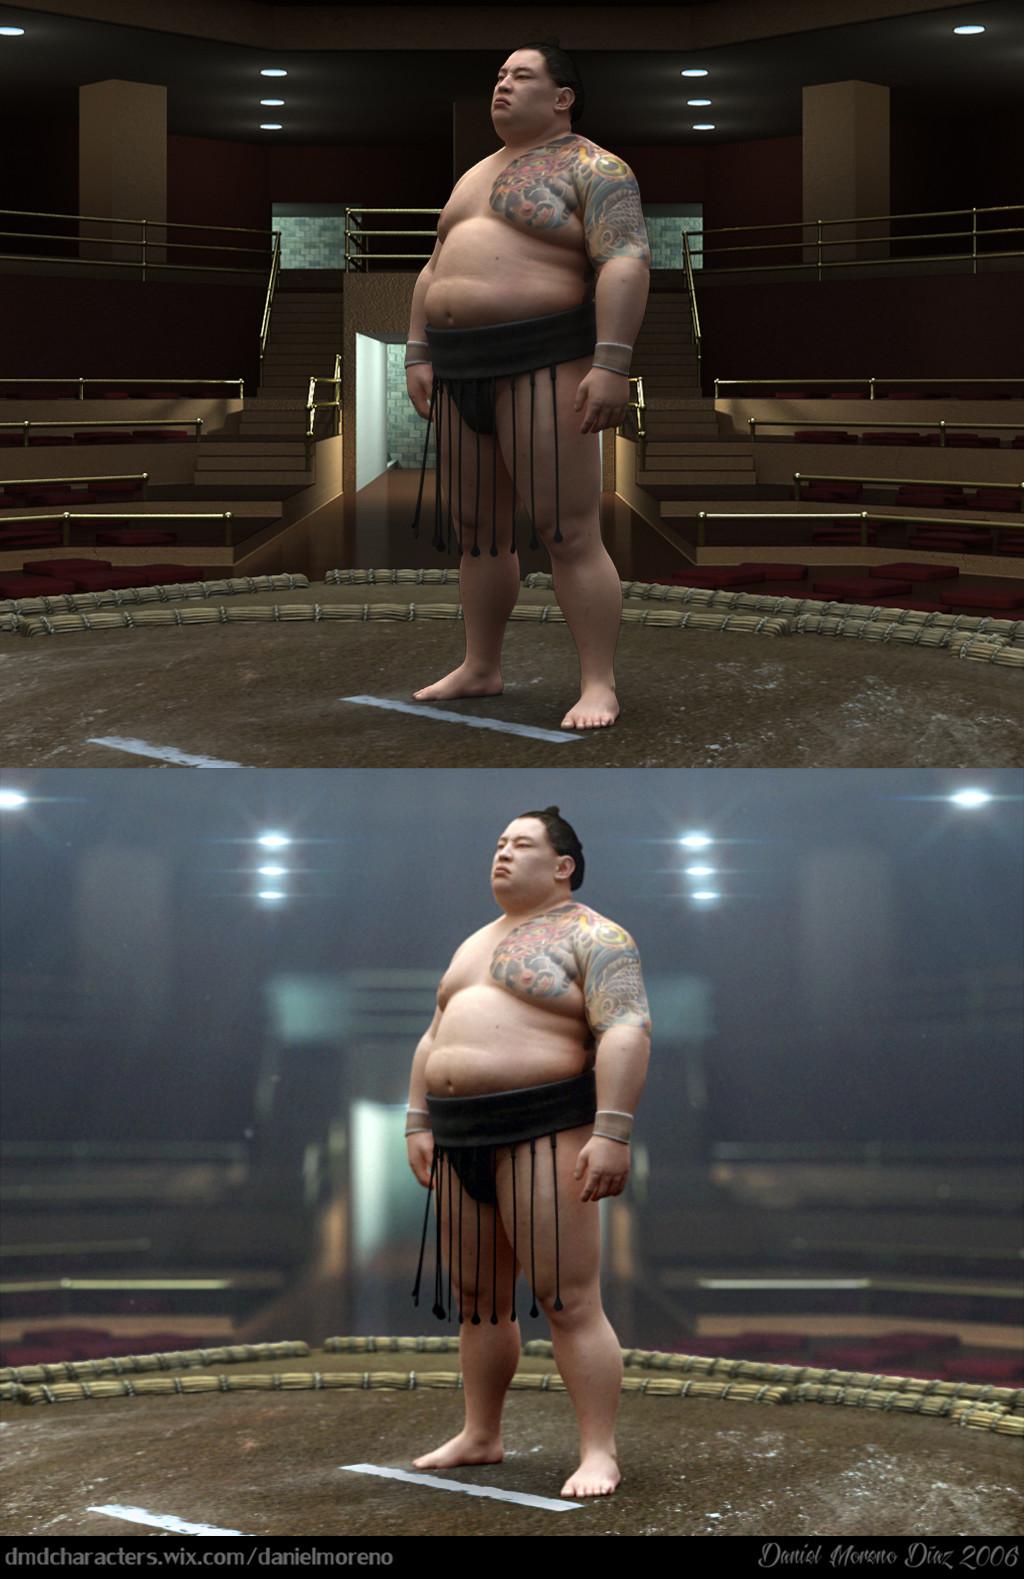 Daniel moreno diaz sumo beforefx